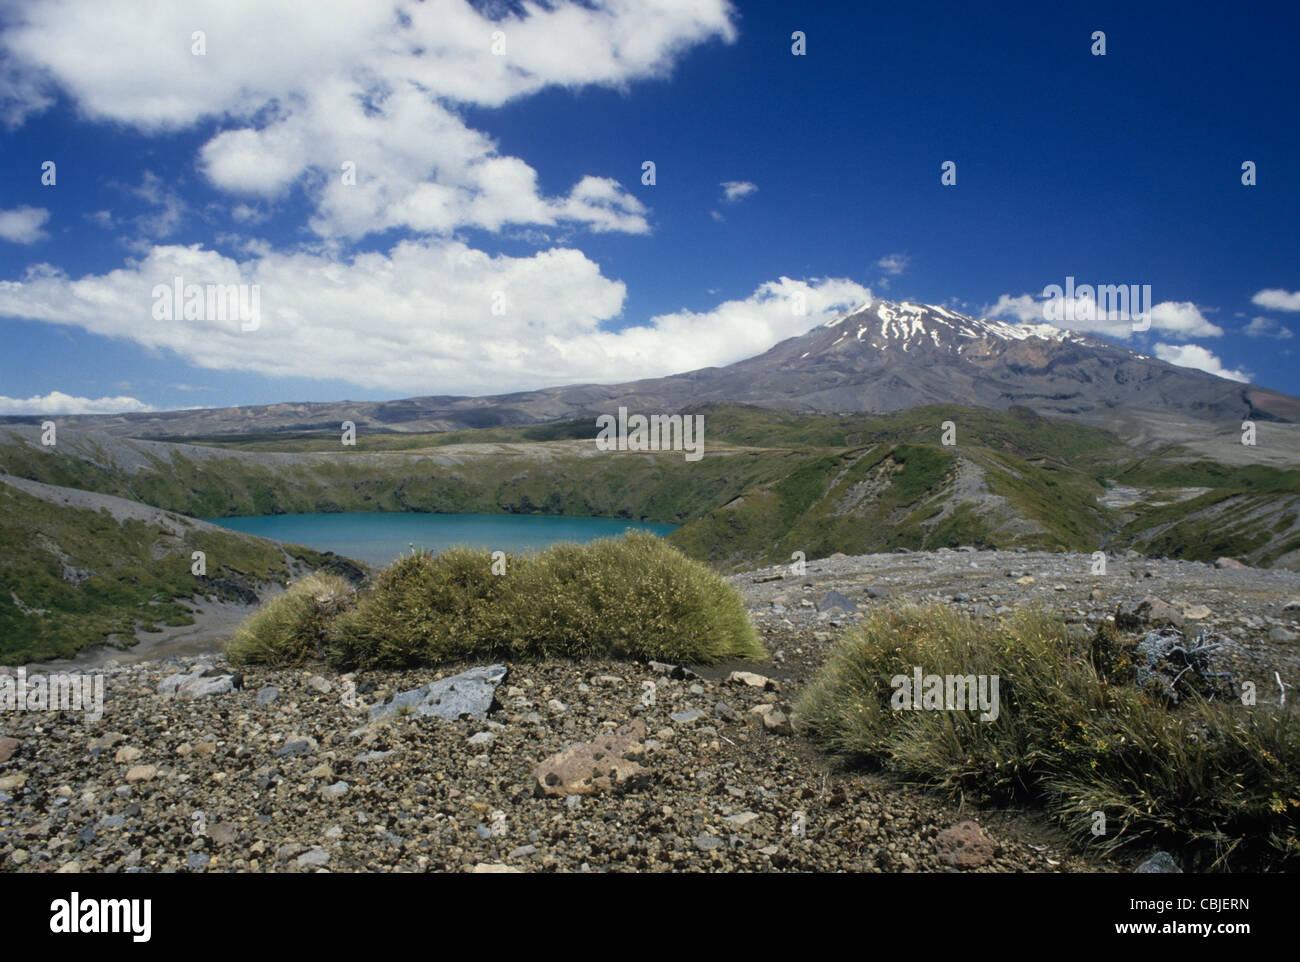 New Zealand, Tongariro N.P. Mt Ruapehu. North Island. - Stock Image